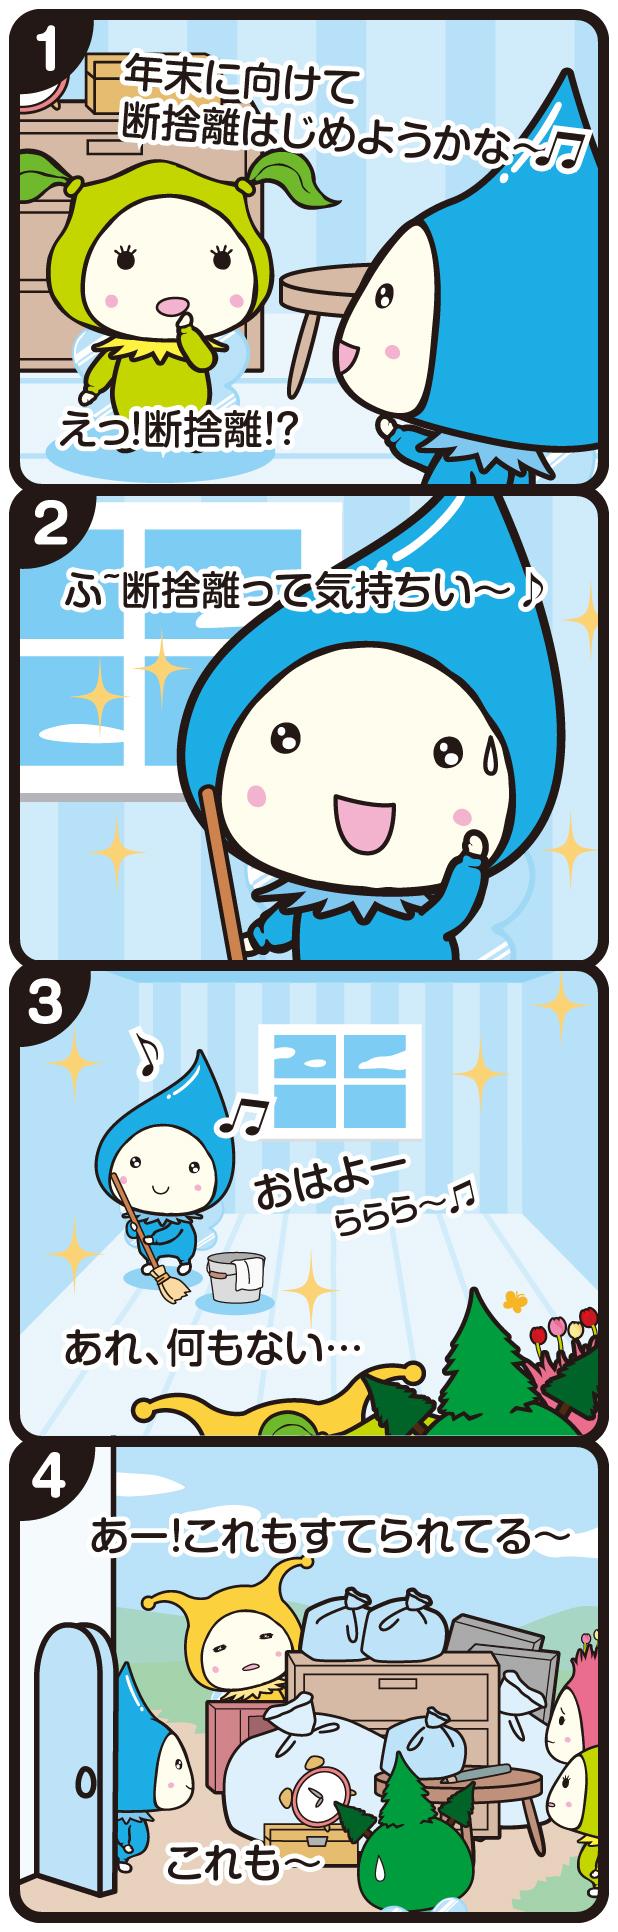 comic_264_2